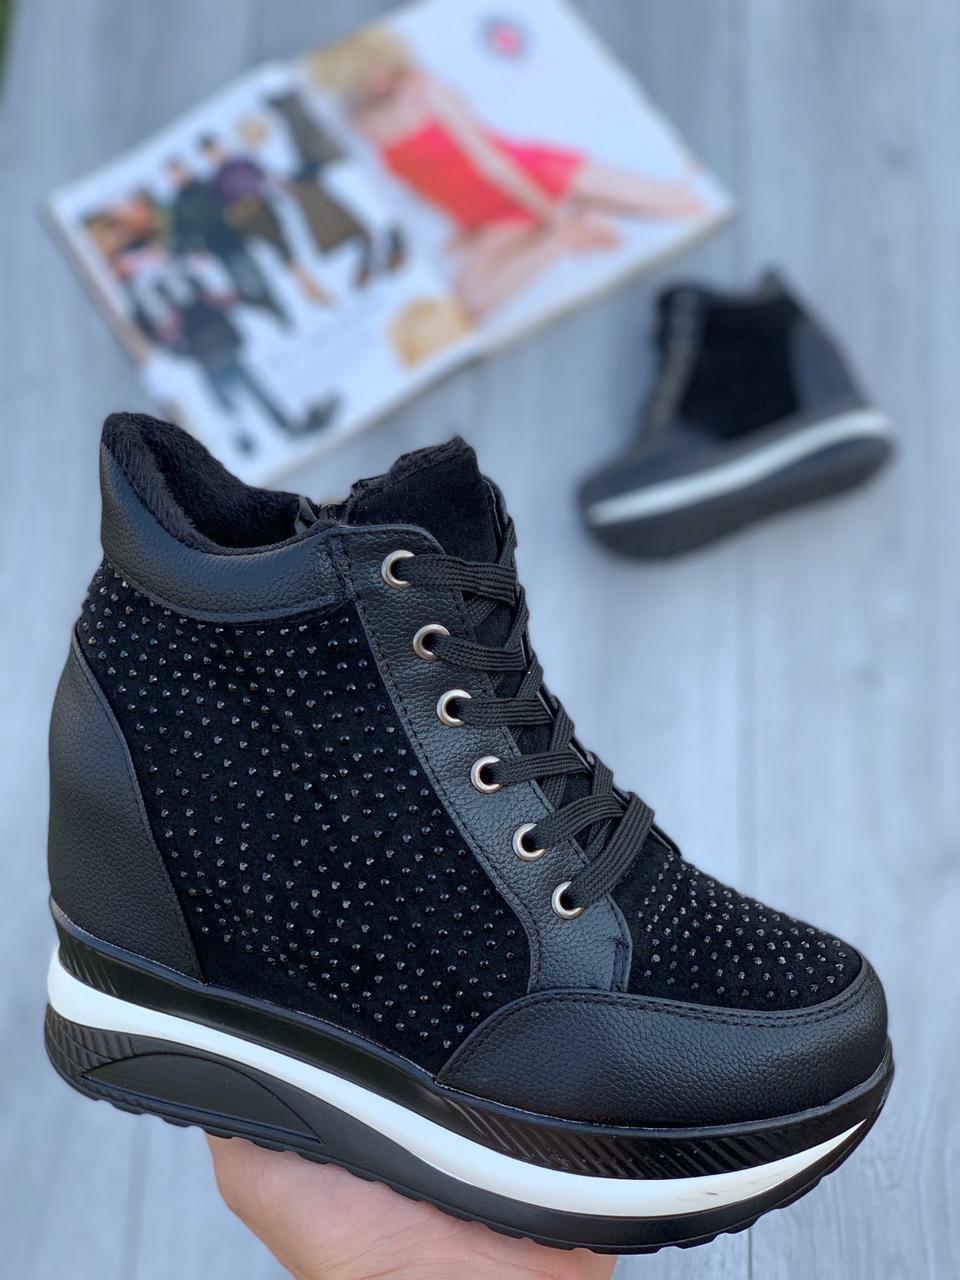 Ботинки женские Евро-Мех 6 пар в ящике черного цвета 36-40